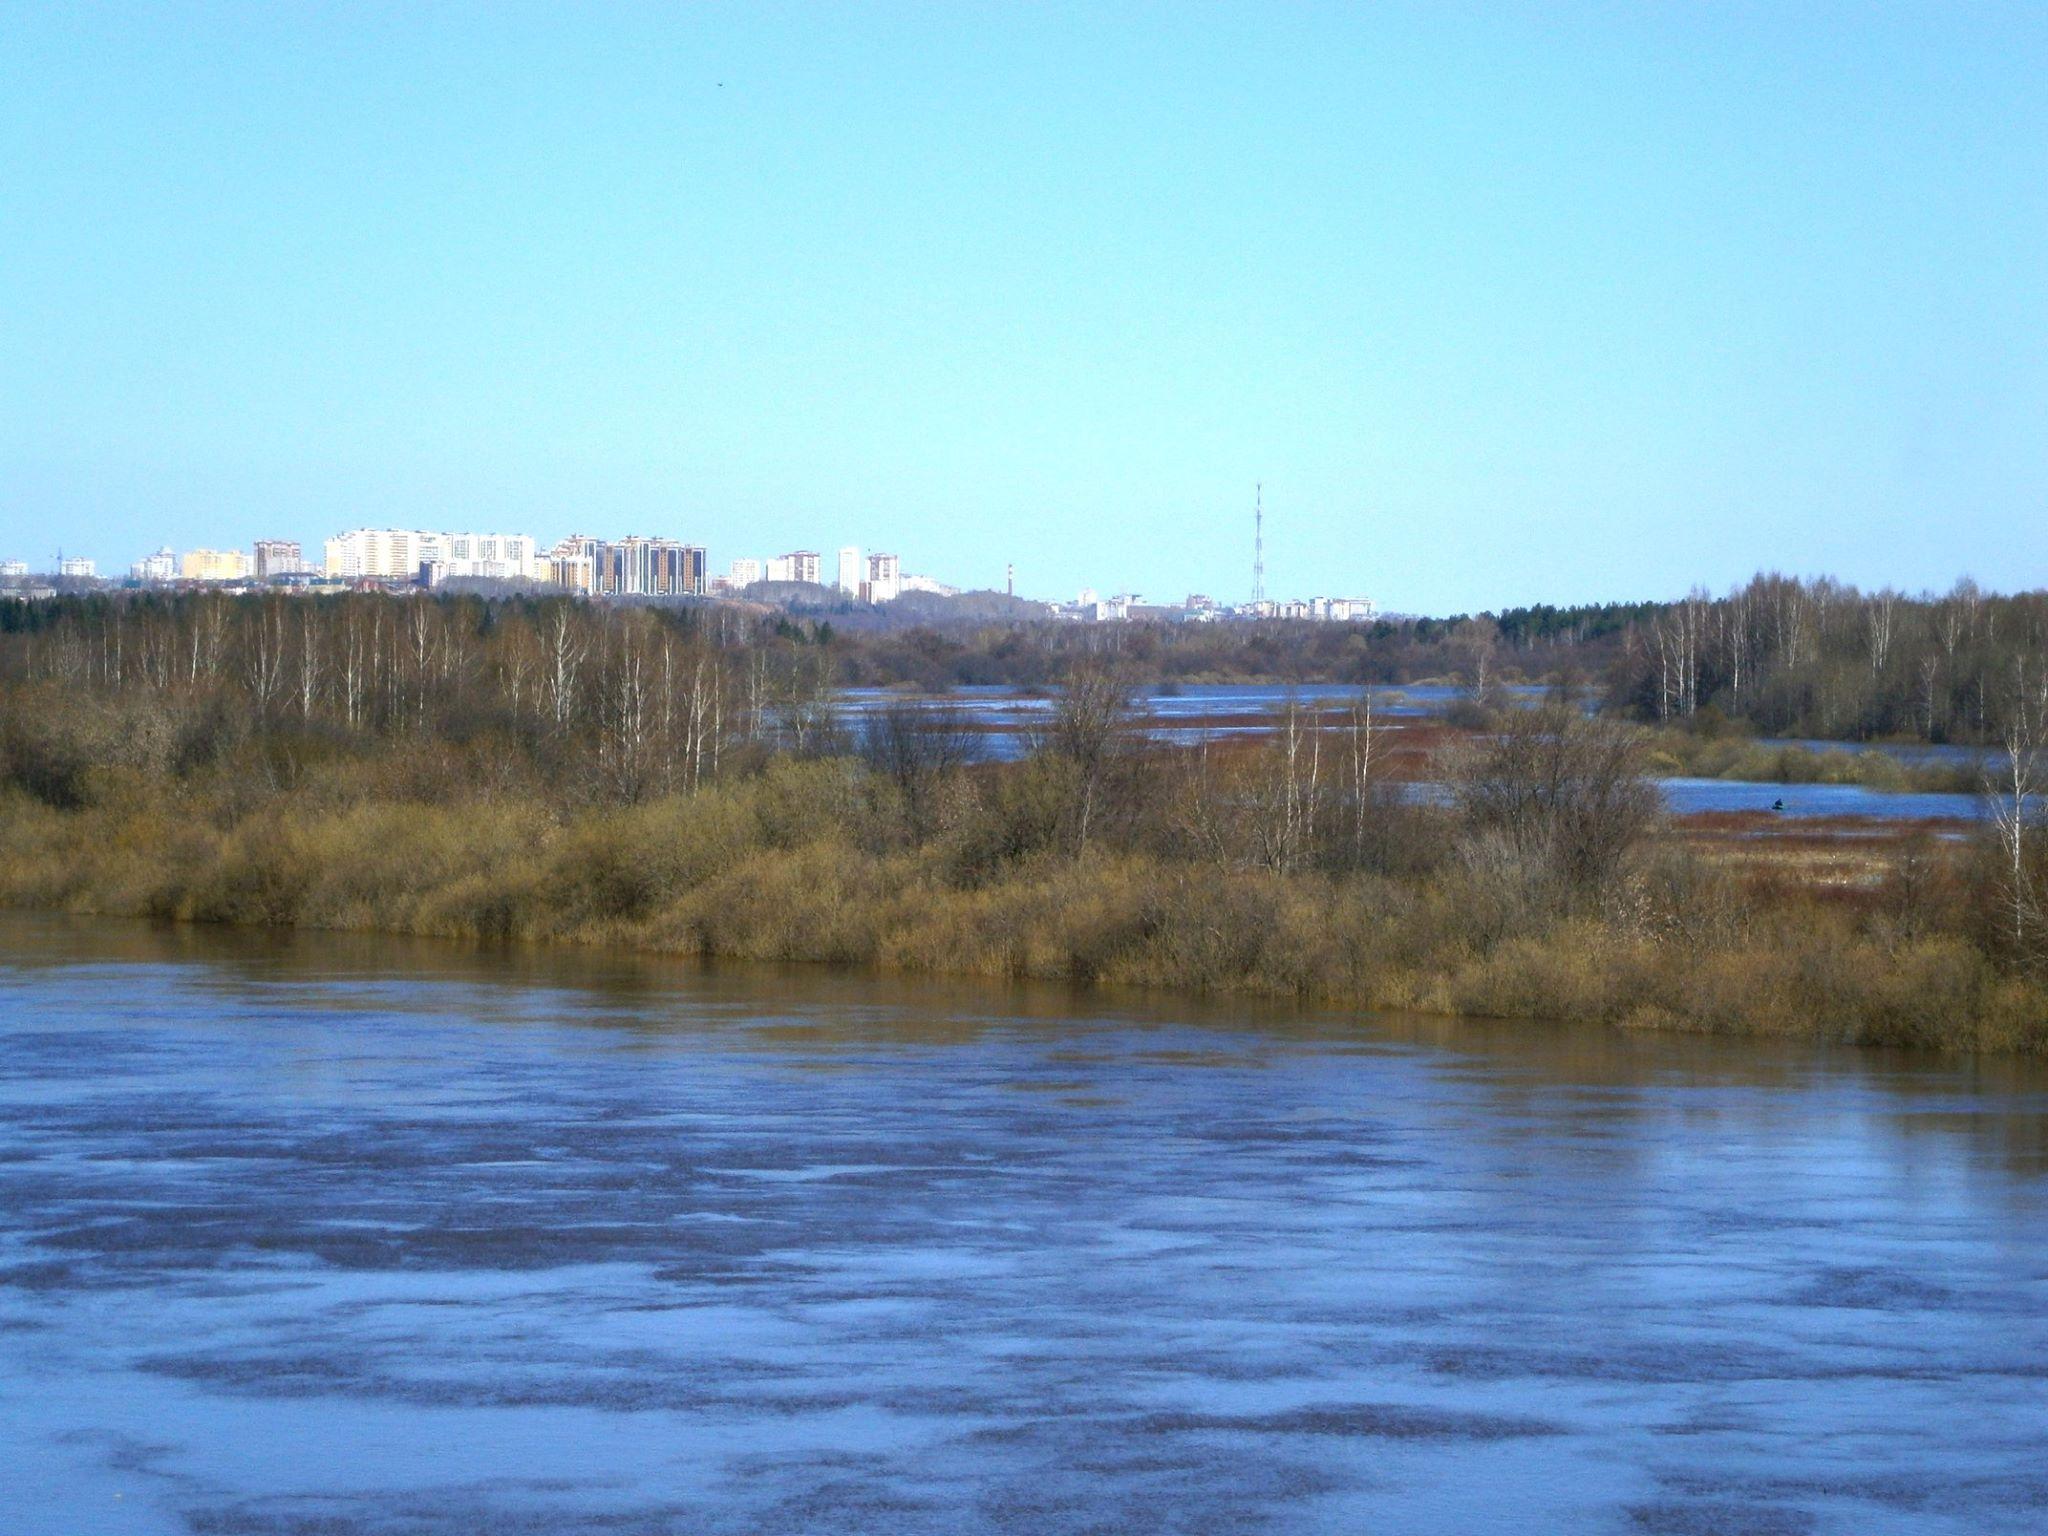 Уровень воды в реке Вятке в черте Кирова поднялся до отметки  463 см от нулевого поста.